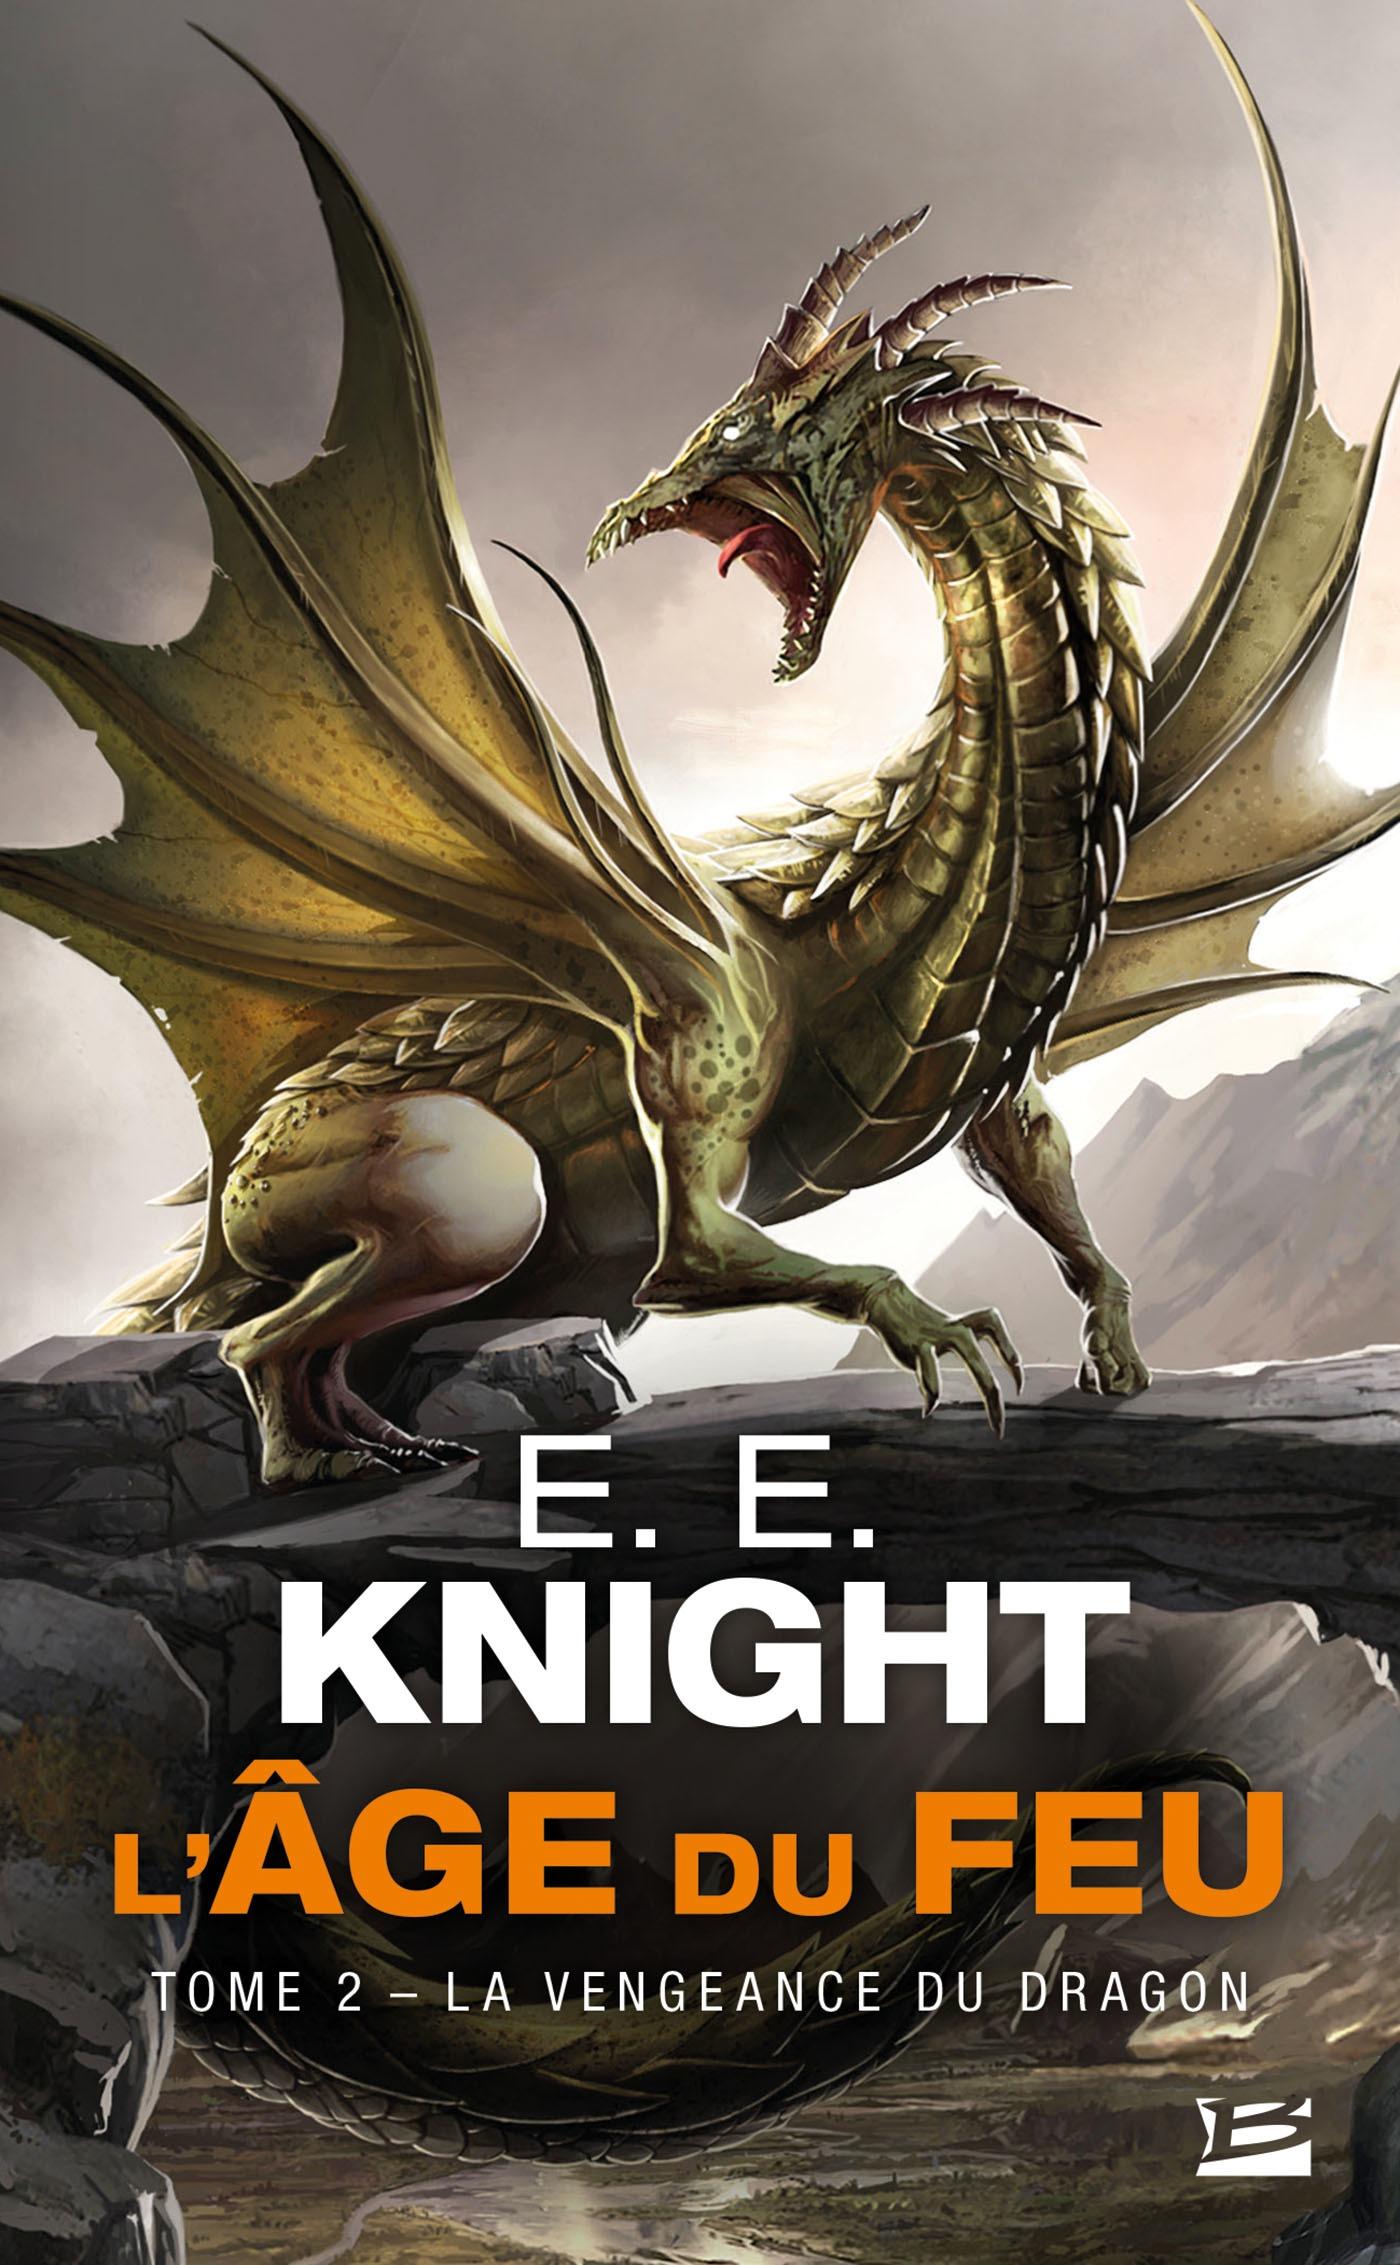 La Vengeance du dragon, L'ÂGE DU FEU, T2